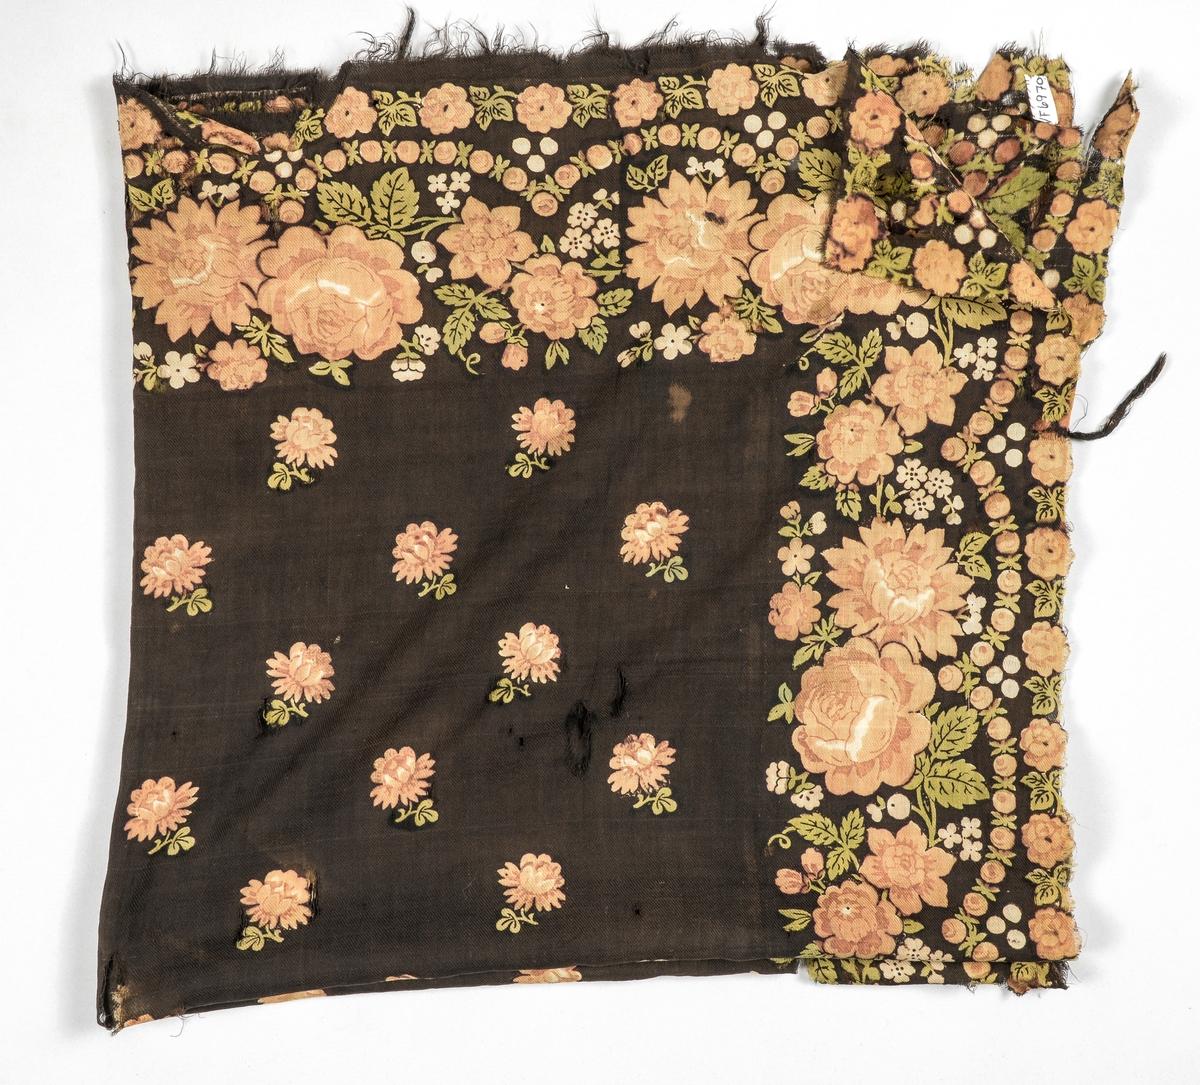 Tørkle i kypervove ull, mørkebrunt i botn med trykt mønster i lys brunt, grønt og beige. Ikkje falda langs sidene.